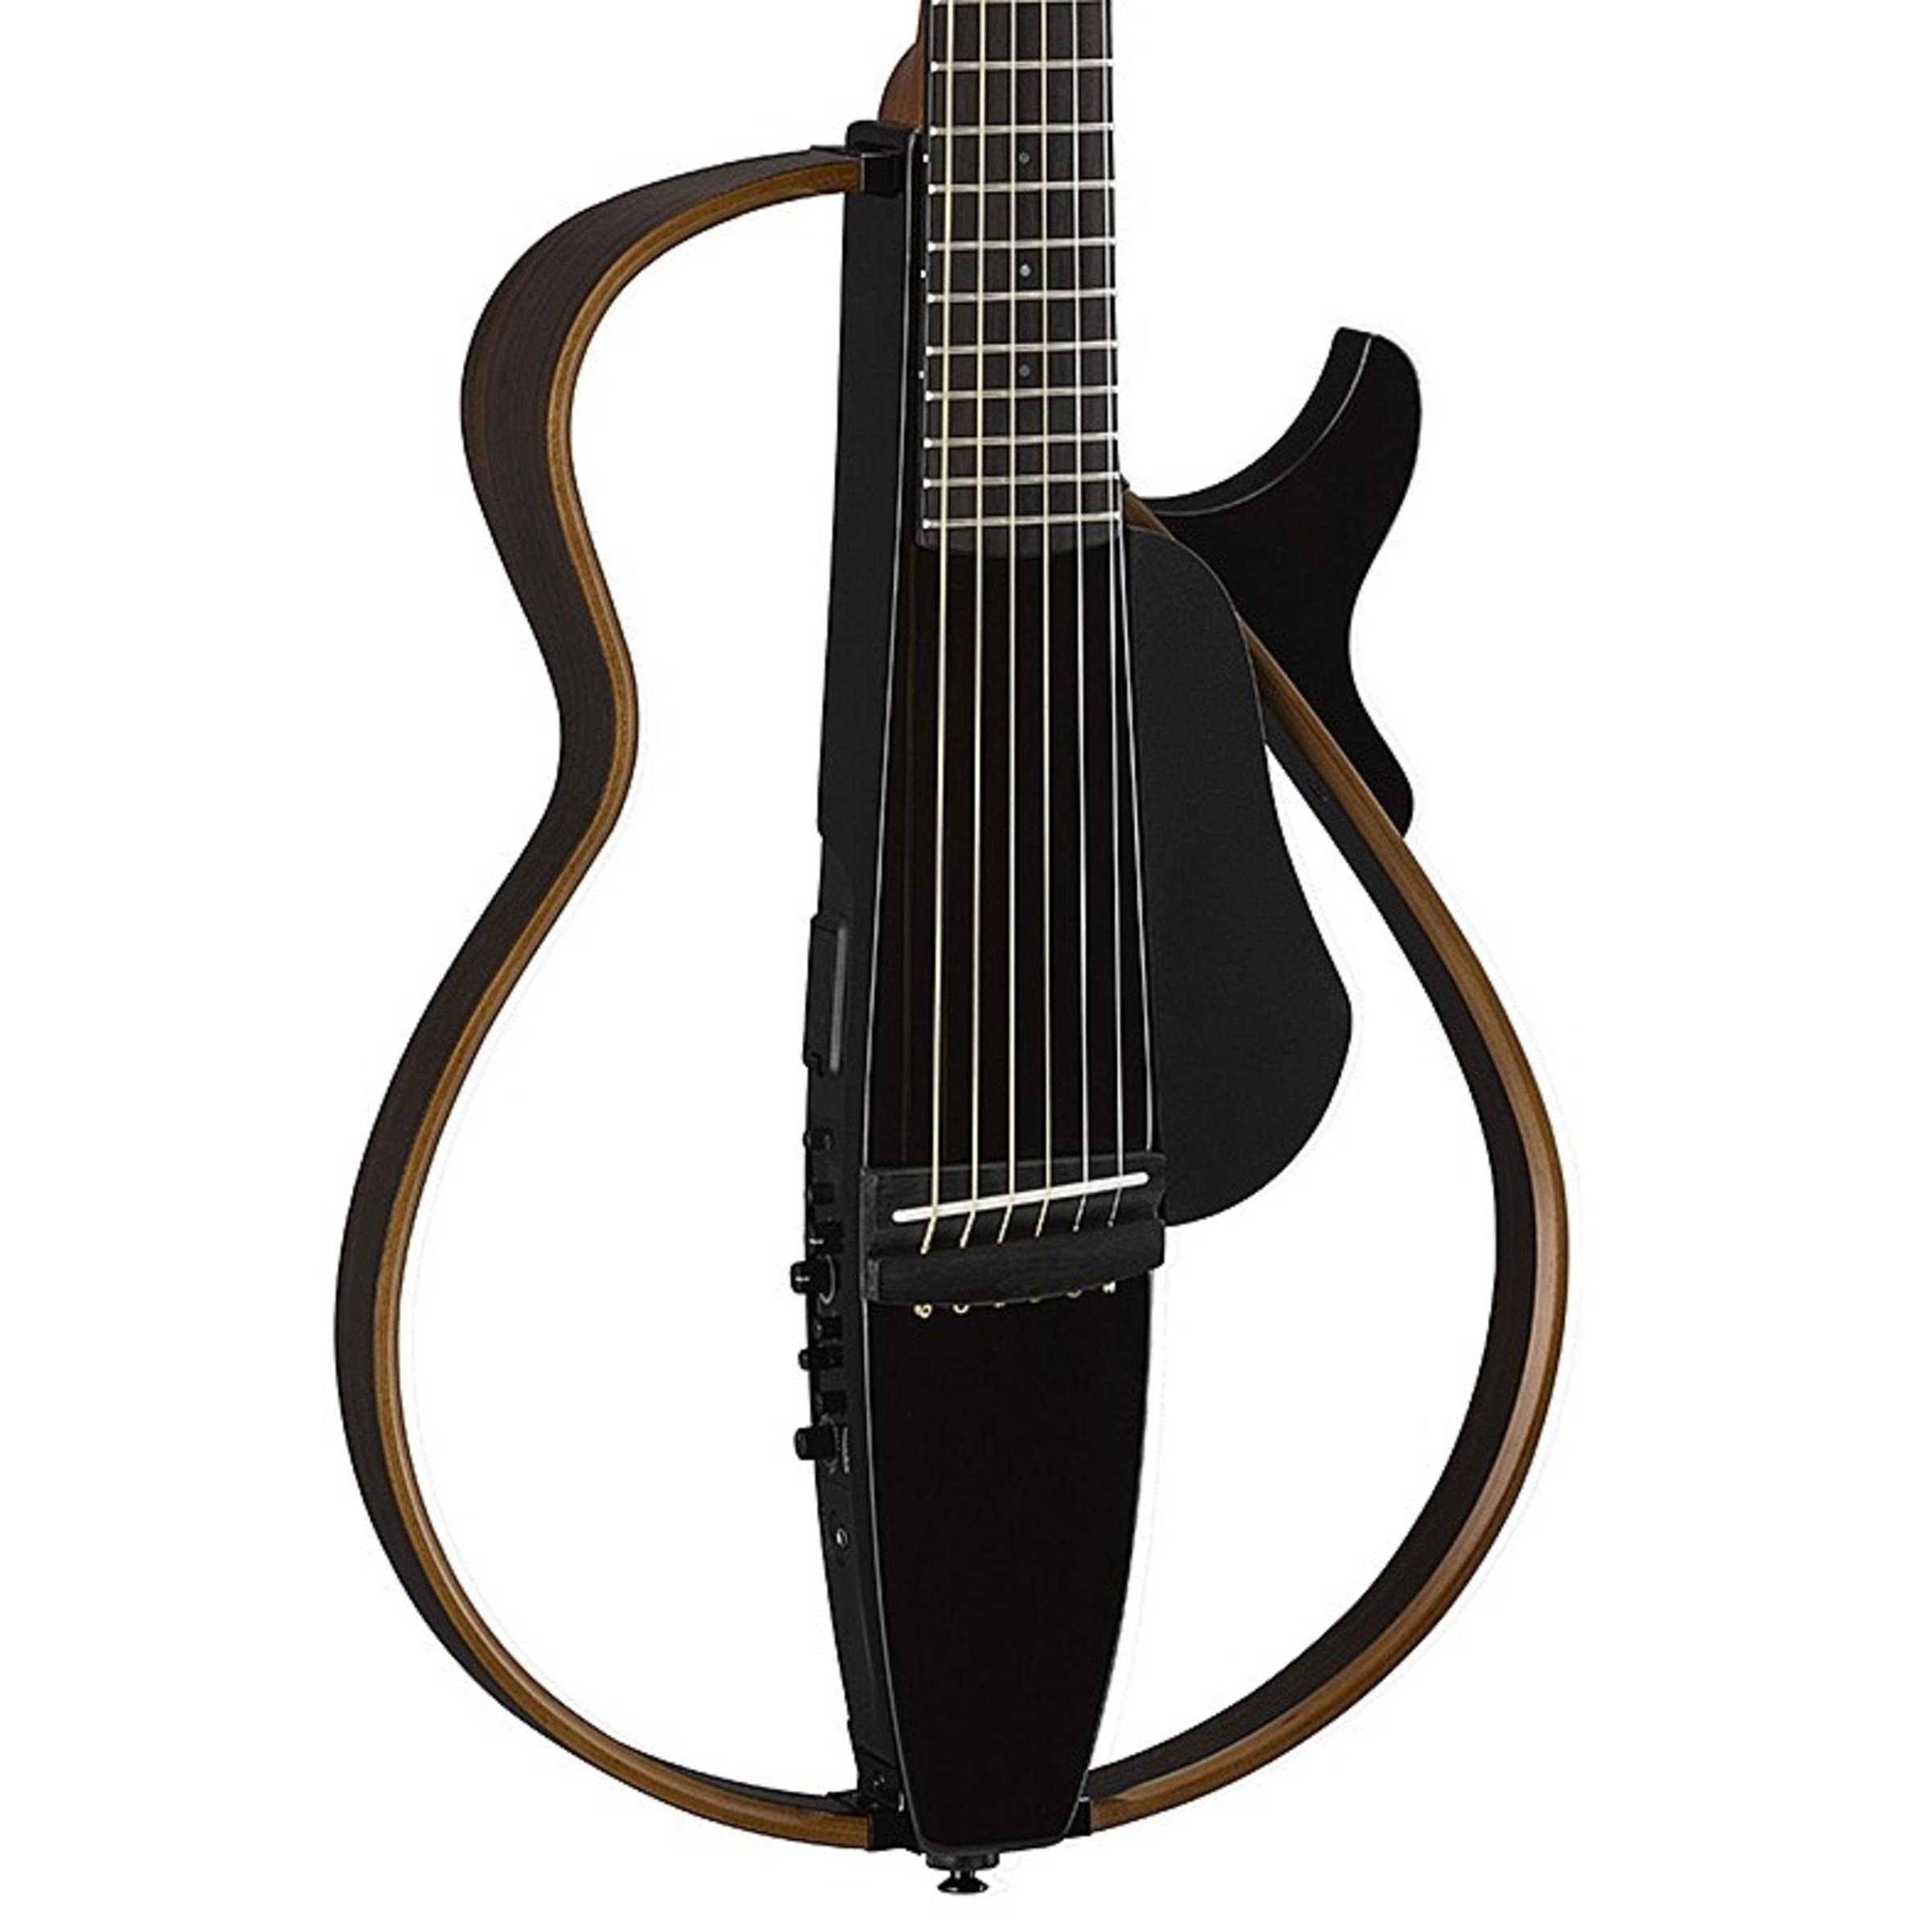 yamaha slg200s steel strung silent guitar giggear. Black Bedroom Furniture Sets. Home Design Ideas